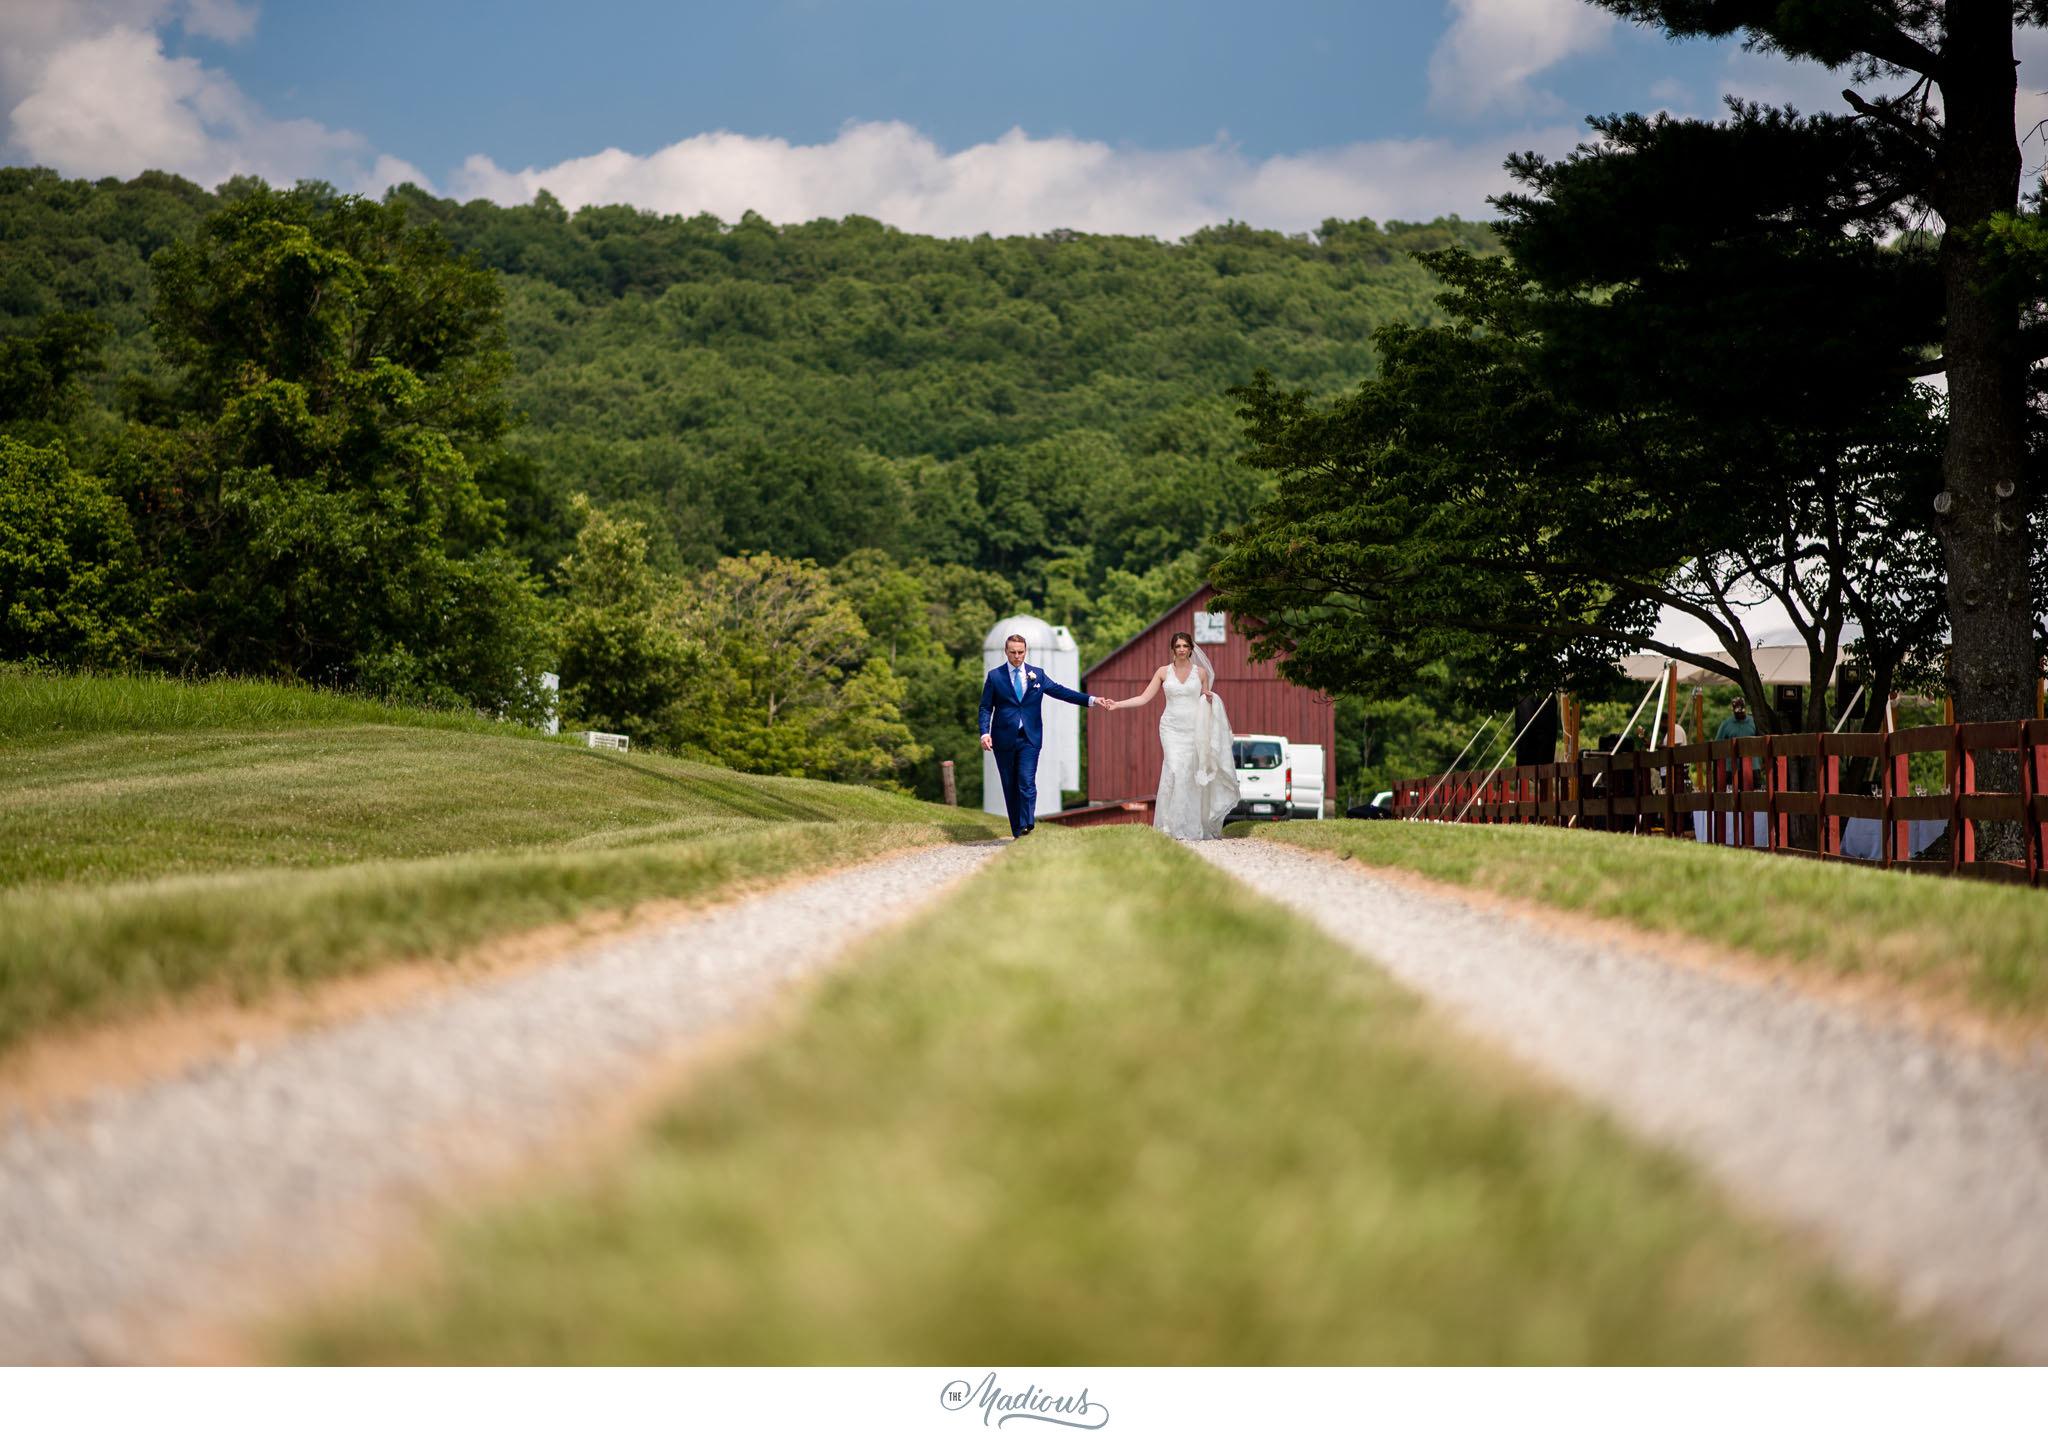 Virginia_Farm_Wedding_18.JPG